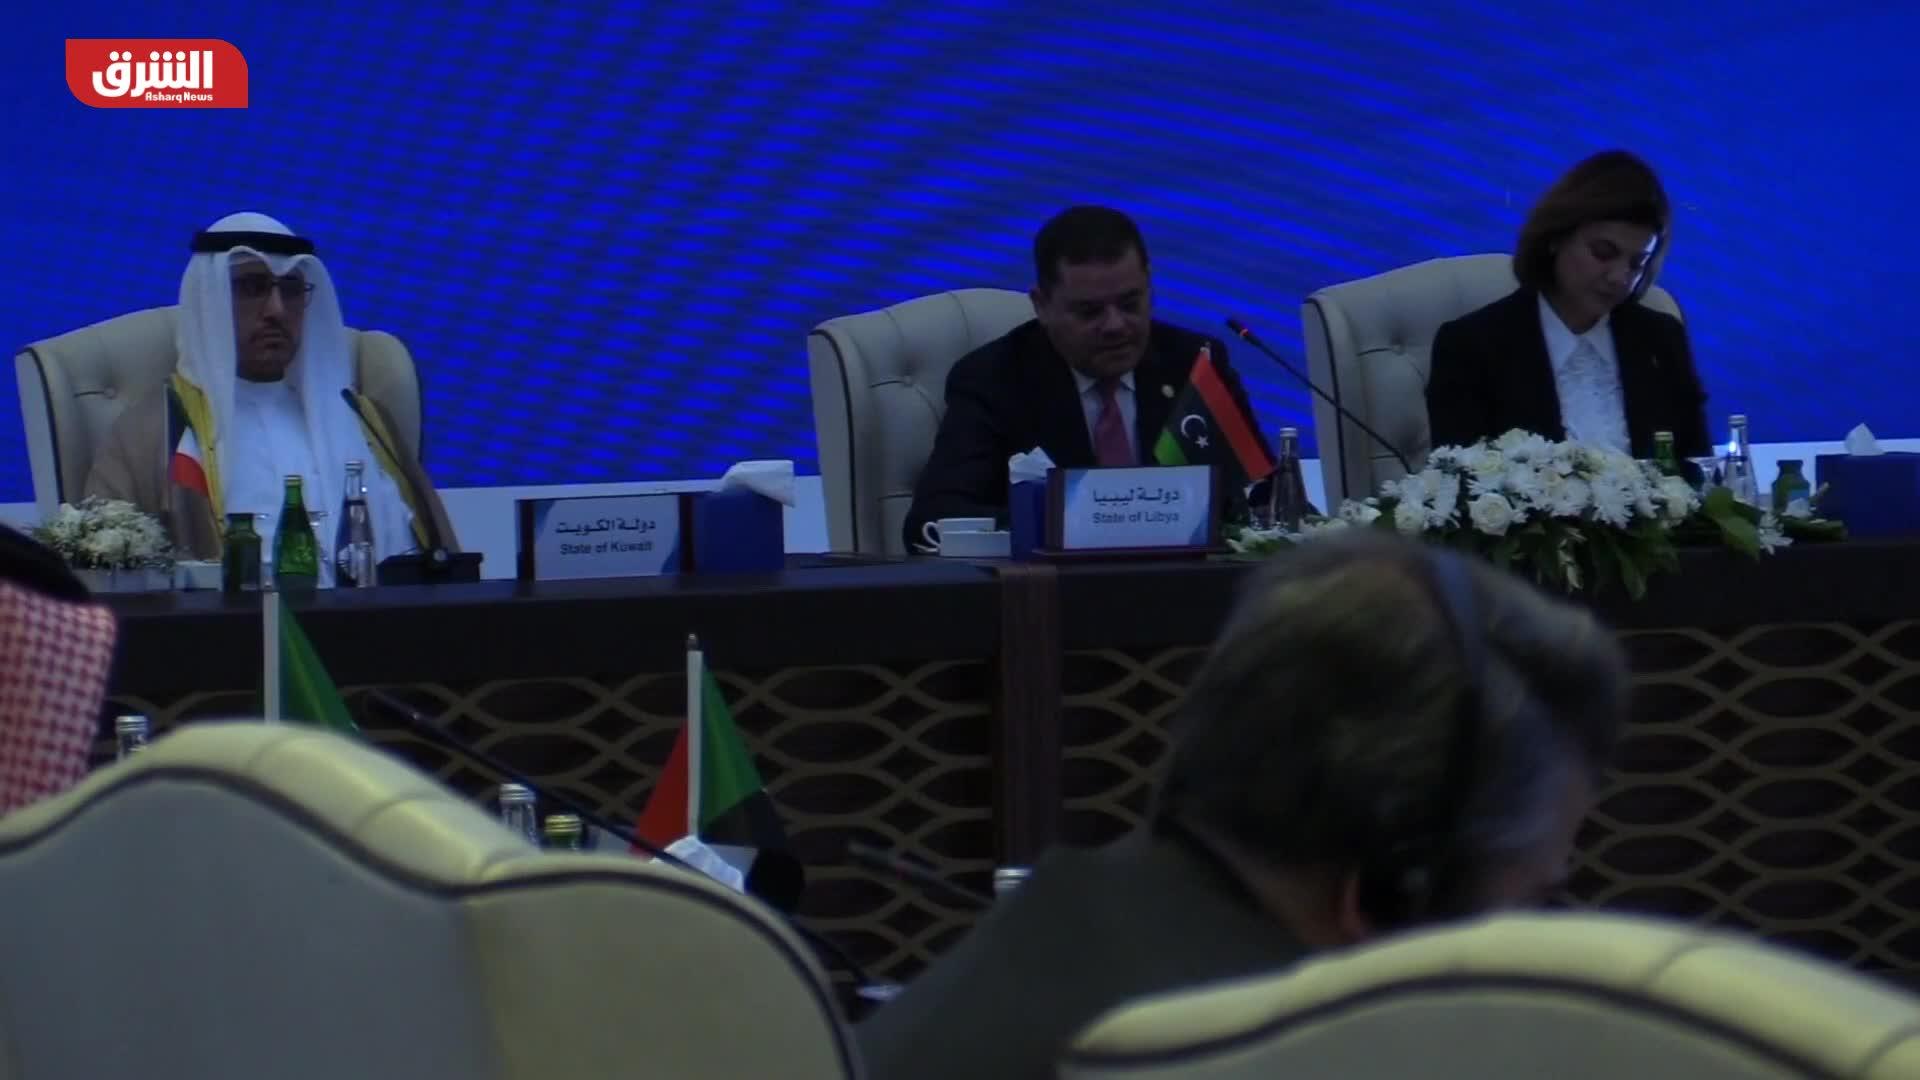 """مخرجات مؤتمر """"استقرار ليبيا"""".. ماذا عن الخلاف بشأن موقف تركيا من المسلحين الأجانب؟"""